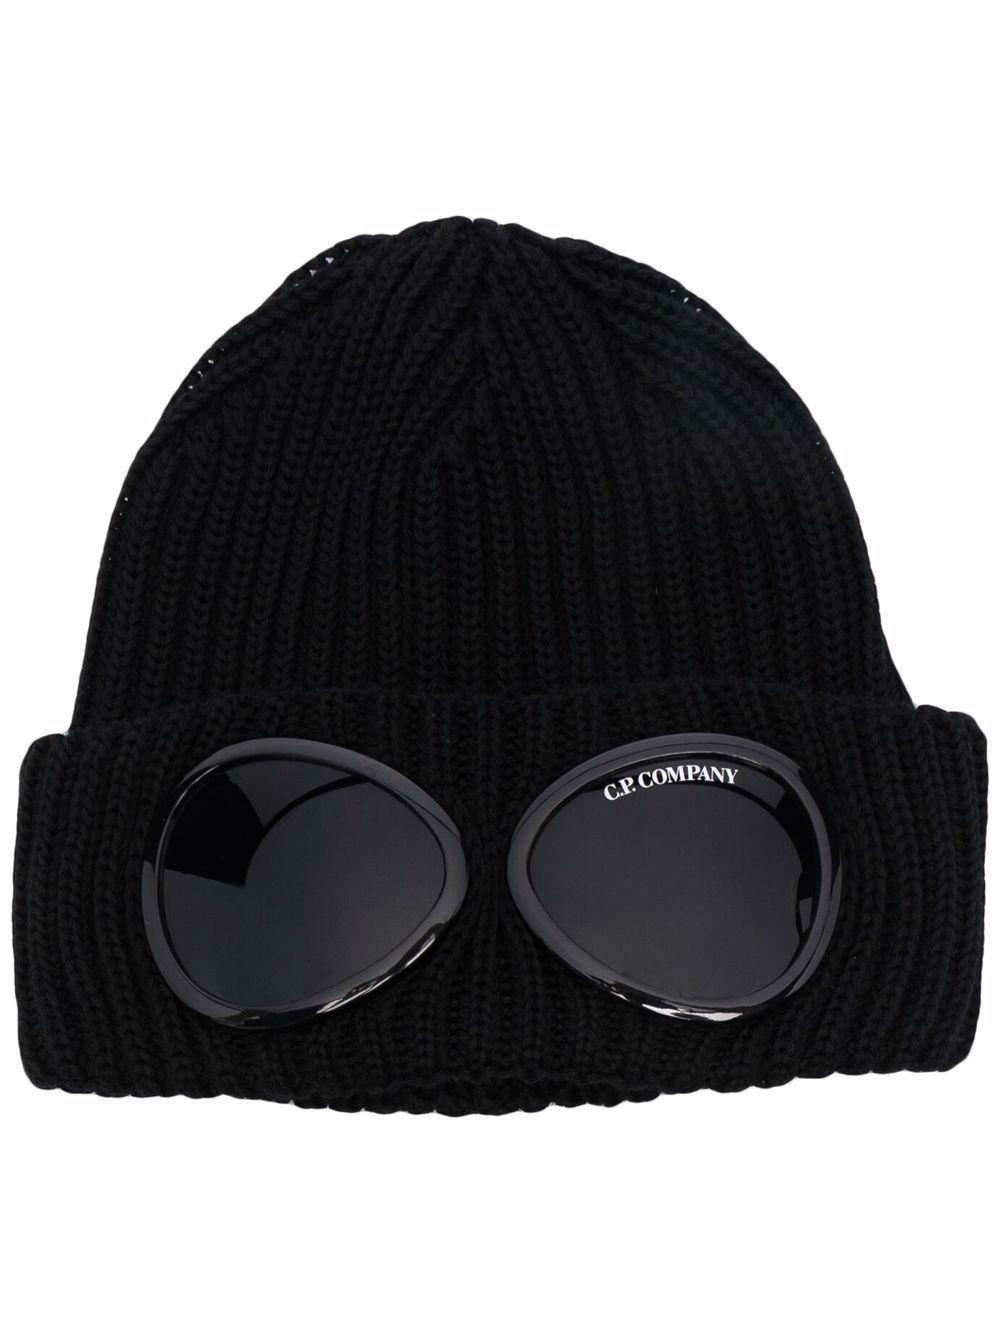 cappello con applicazioni uomo nero in lana C.P. COMPANY | Cappelli | 11CMAC122A005509A999